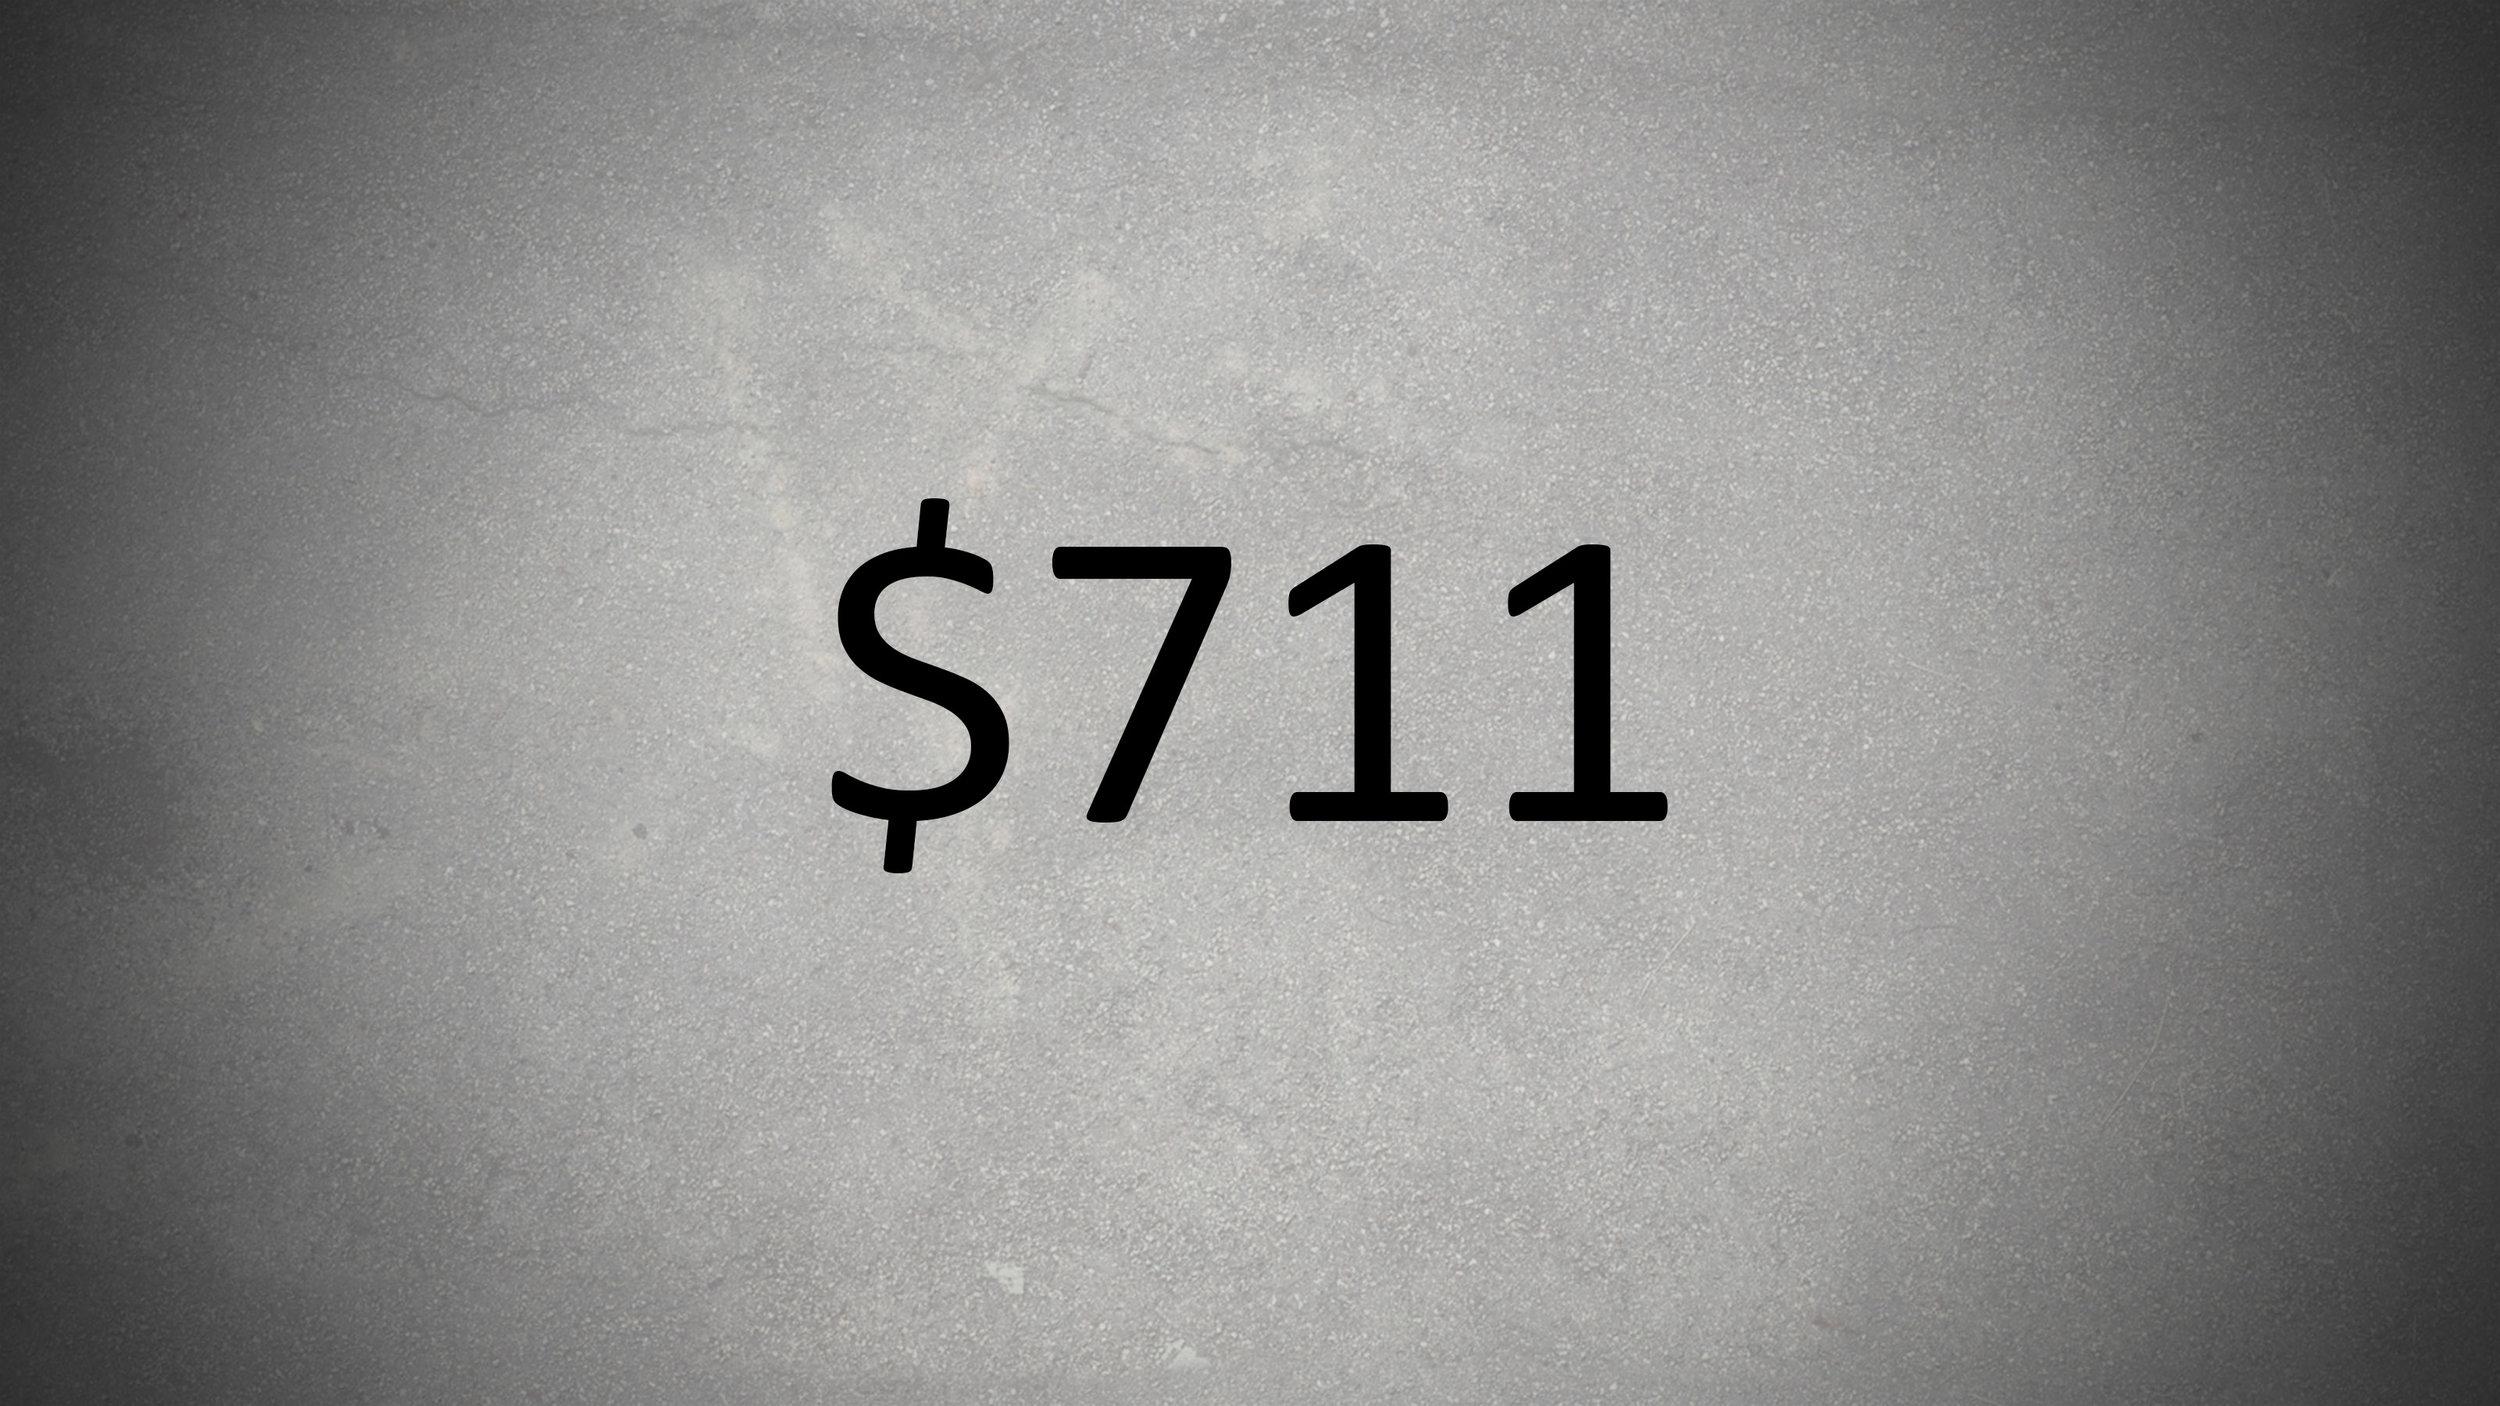 $711.jpg